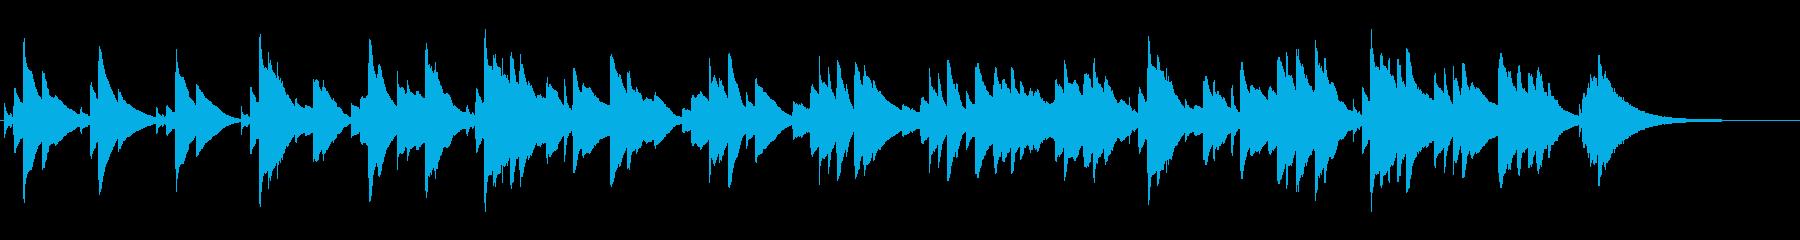 眠くなるオルゴールのBGM(1分30秒)の再生済みの波形